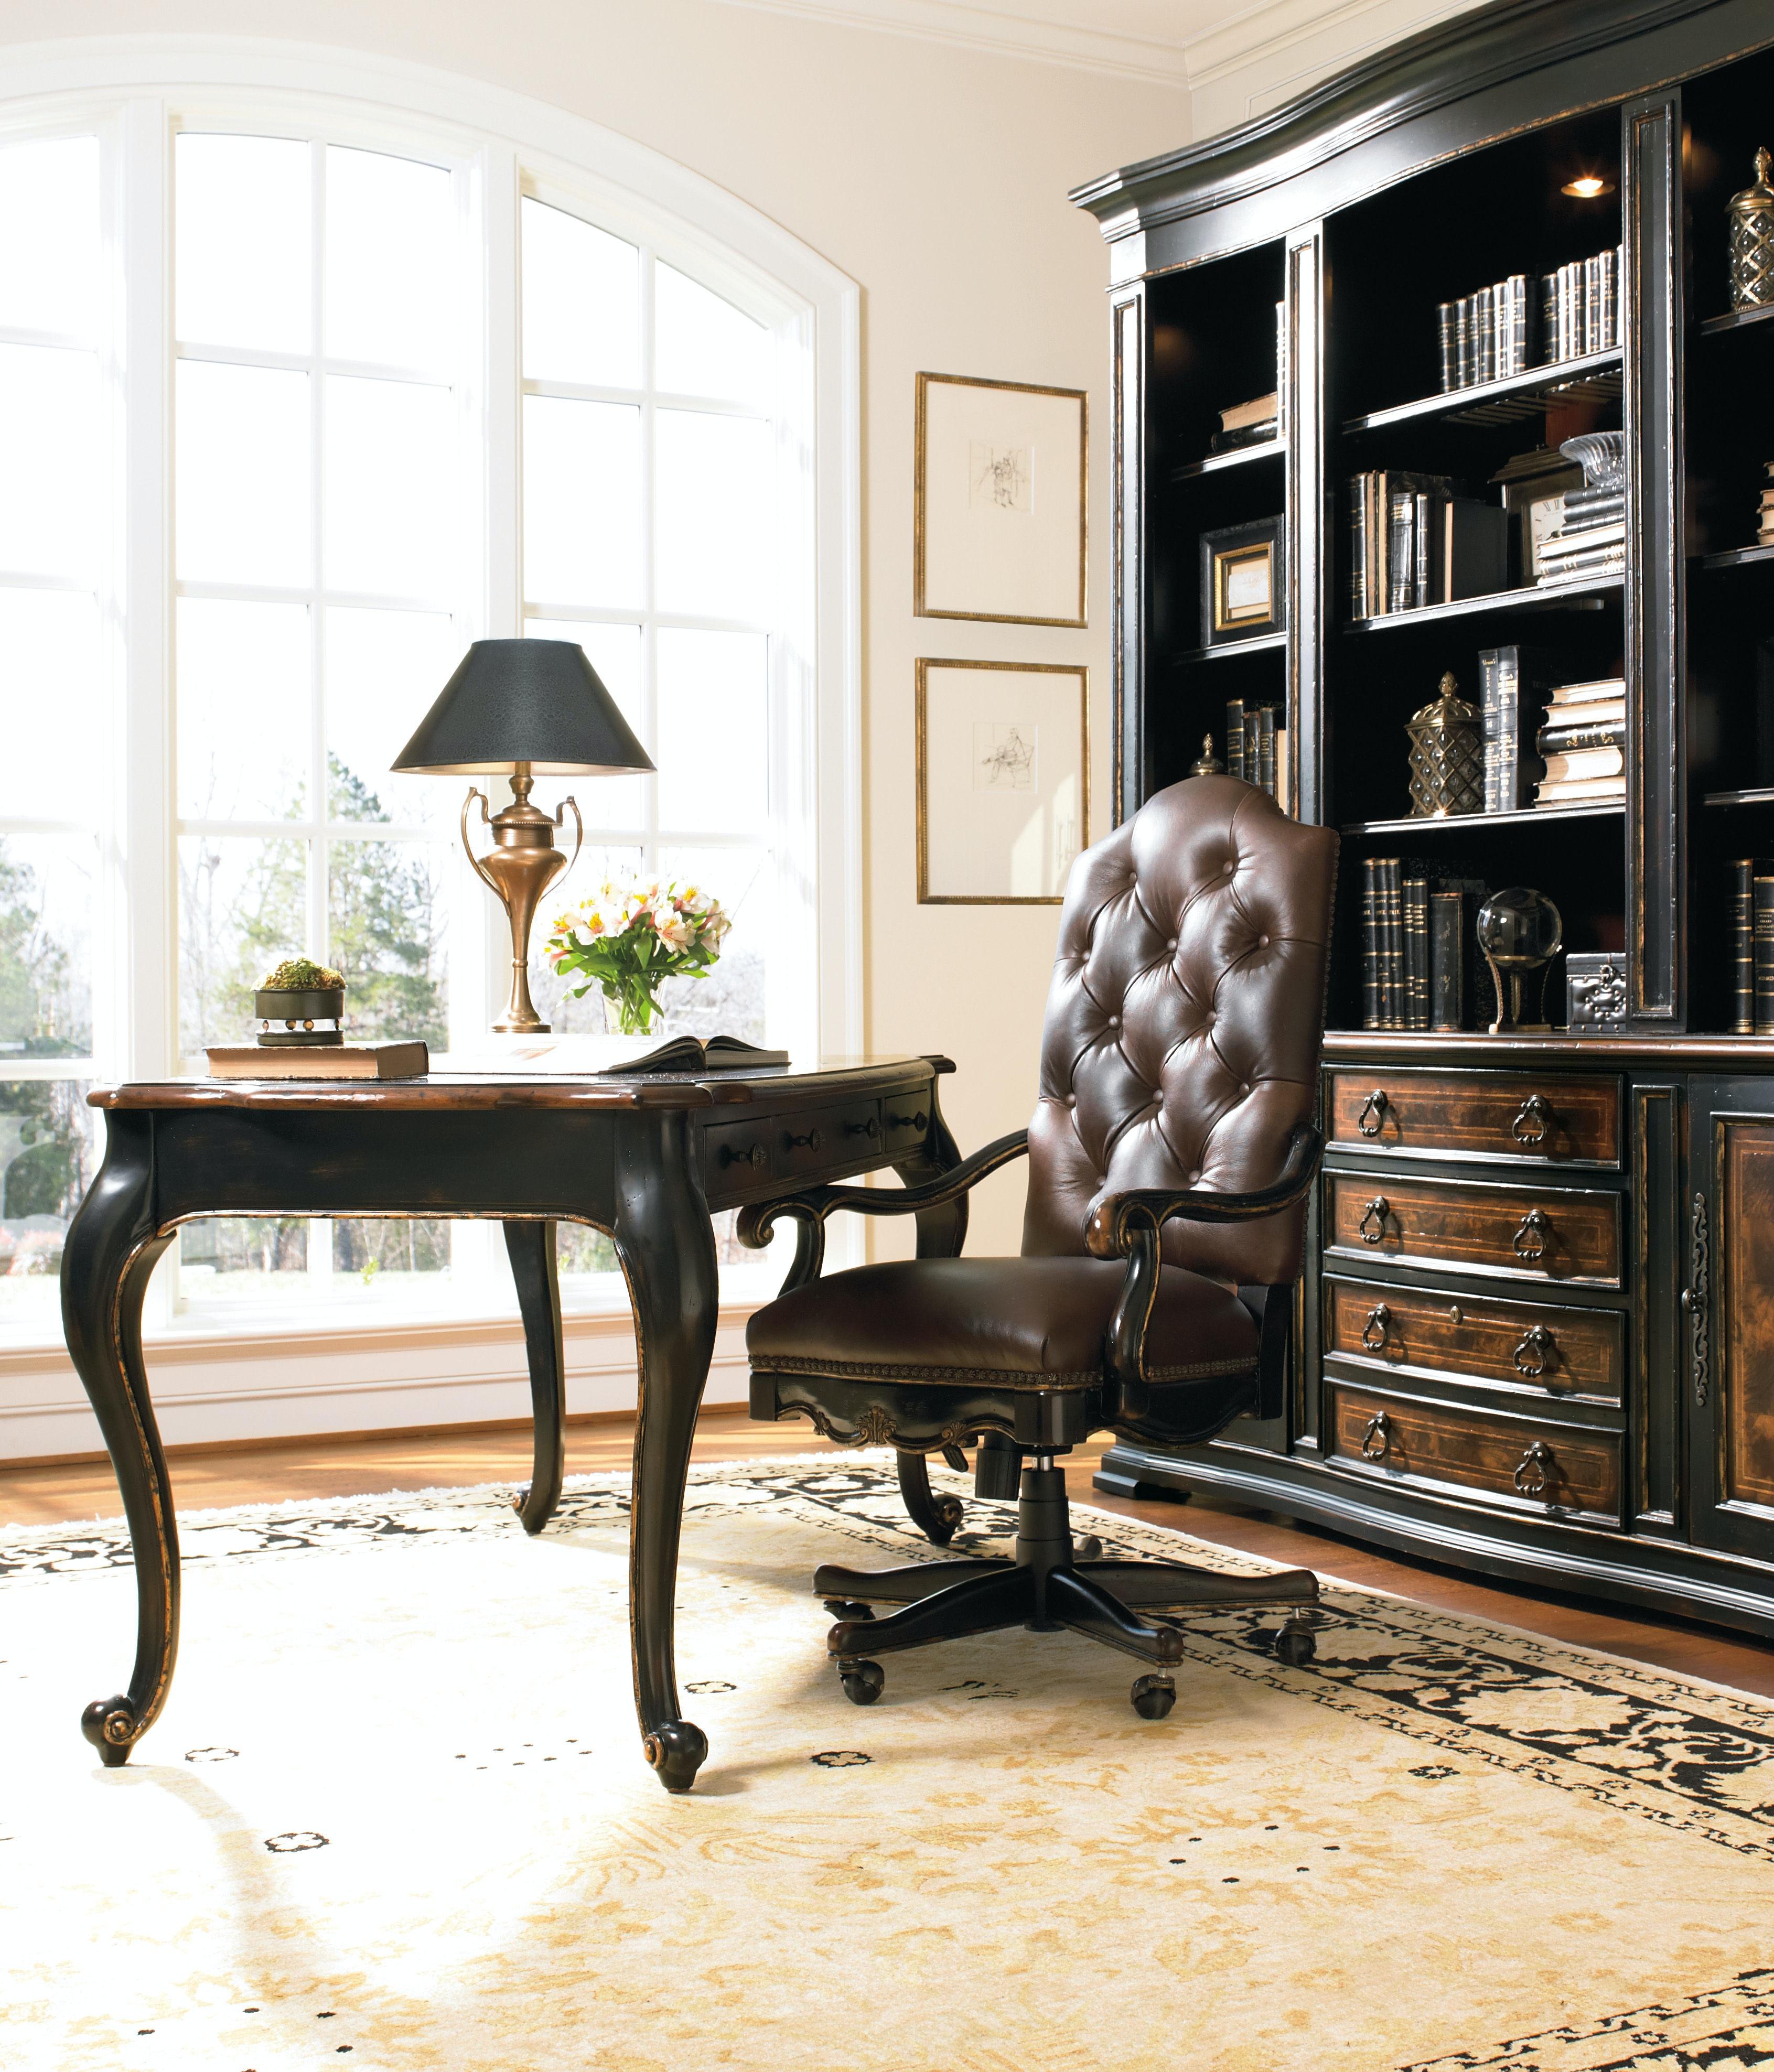 Superb Hooker Furniture Grandover Tilt Swivel Chair 5029 30220